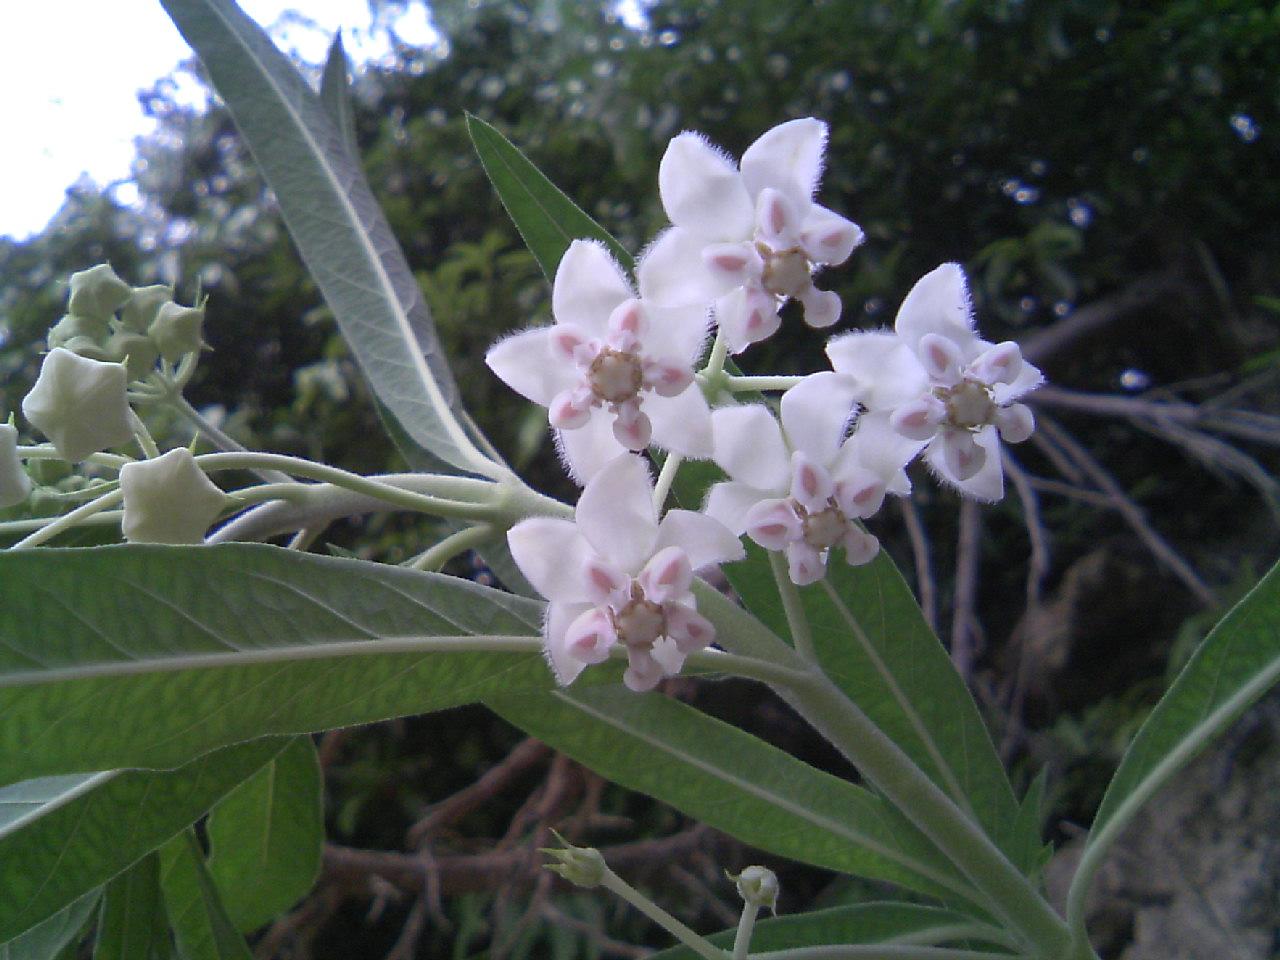 なんという名のお花?